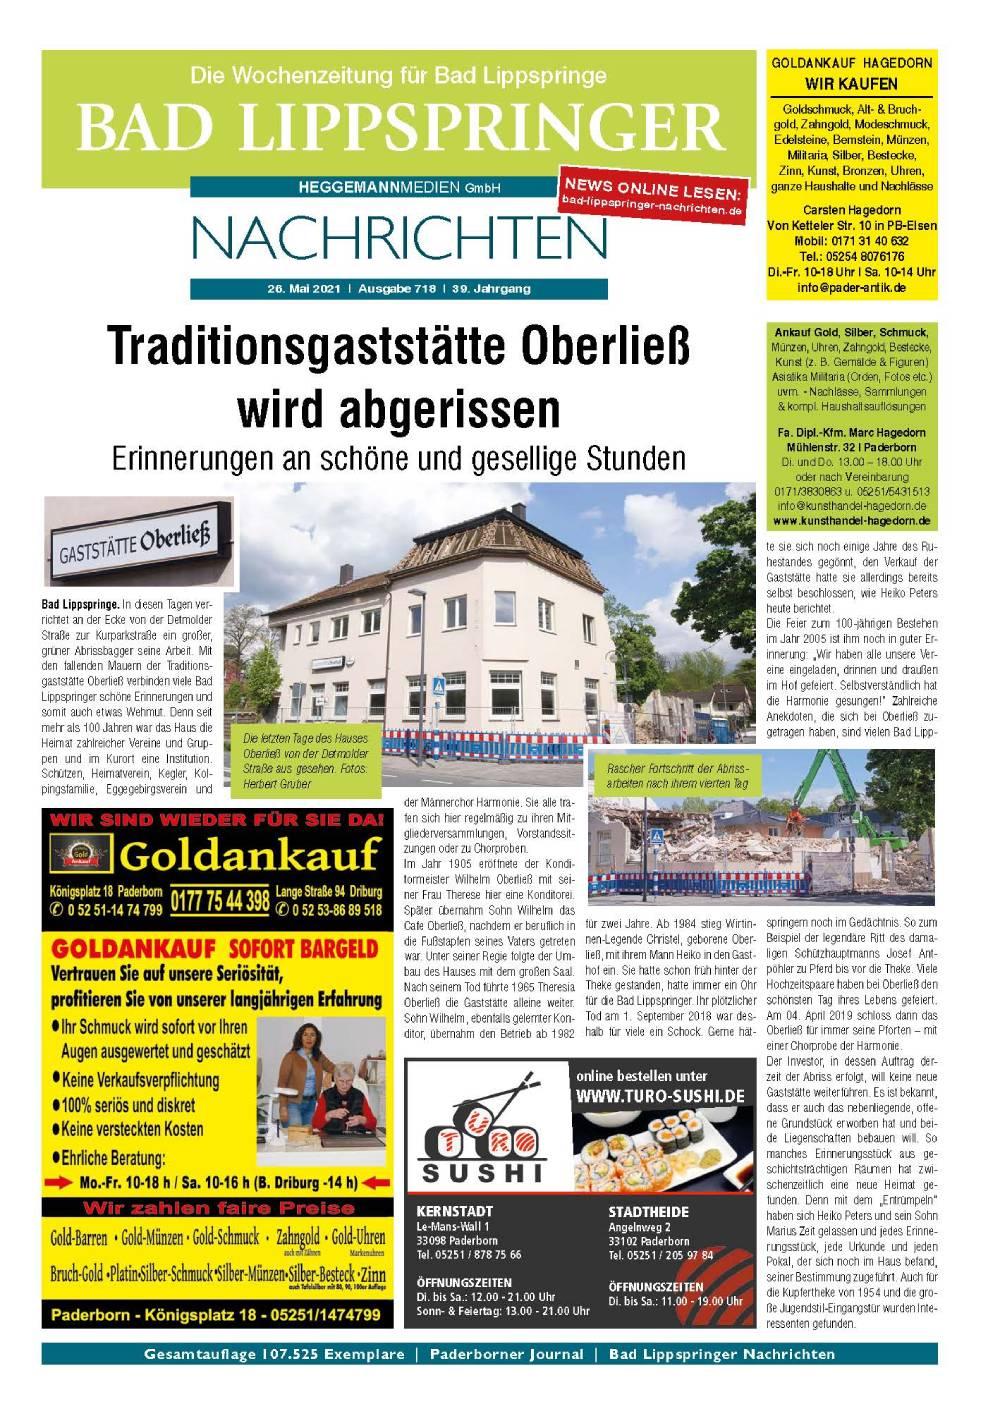 Bad Lippspringer Nachrichten Ausgabe 718